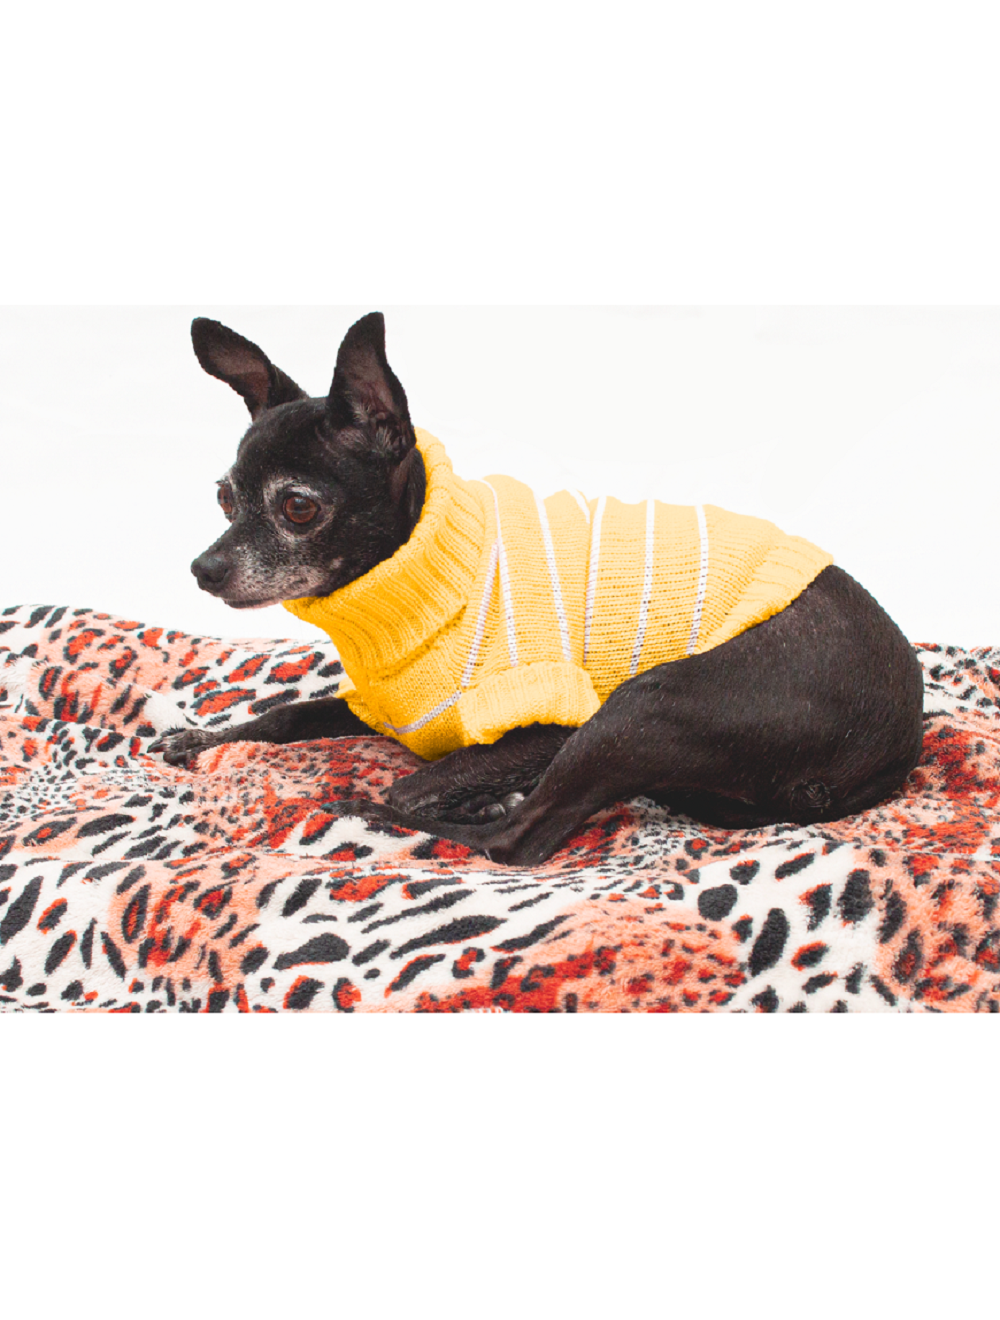 Saco Mandy para Perros Amarillo S - Ciudaddemascotas.com